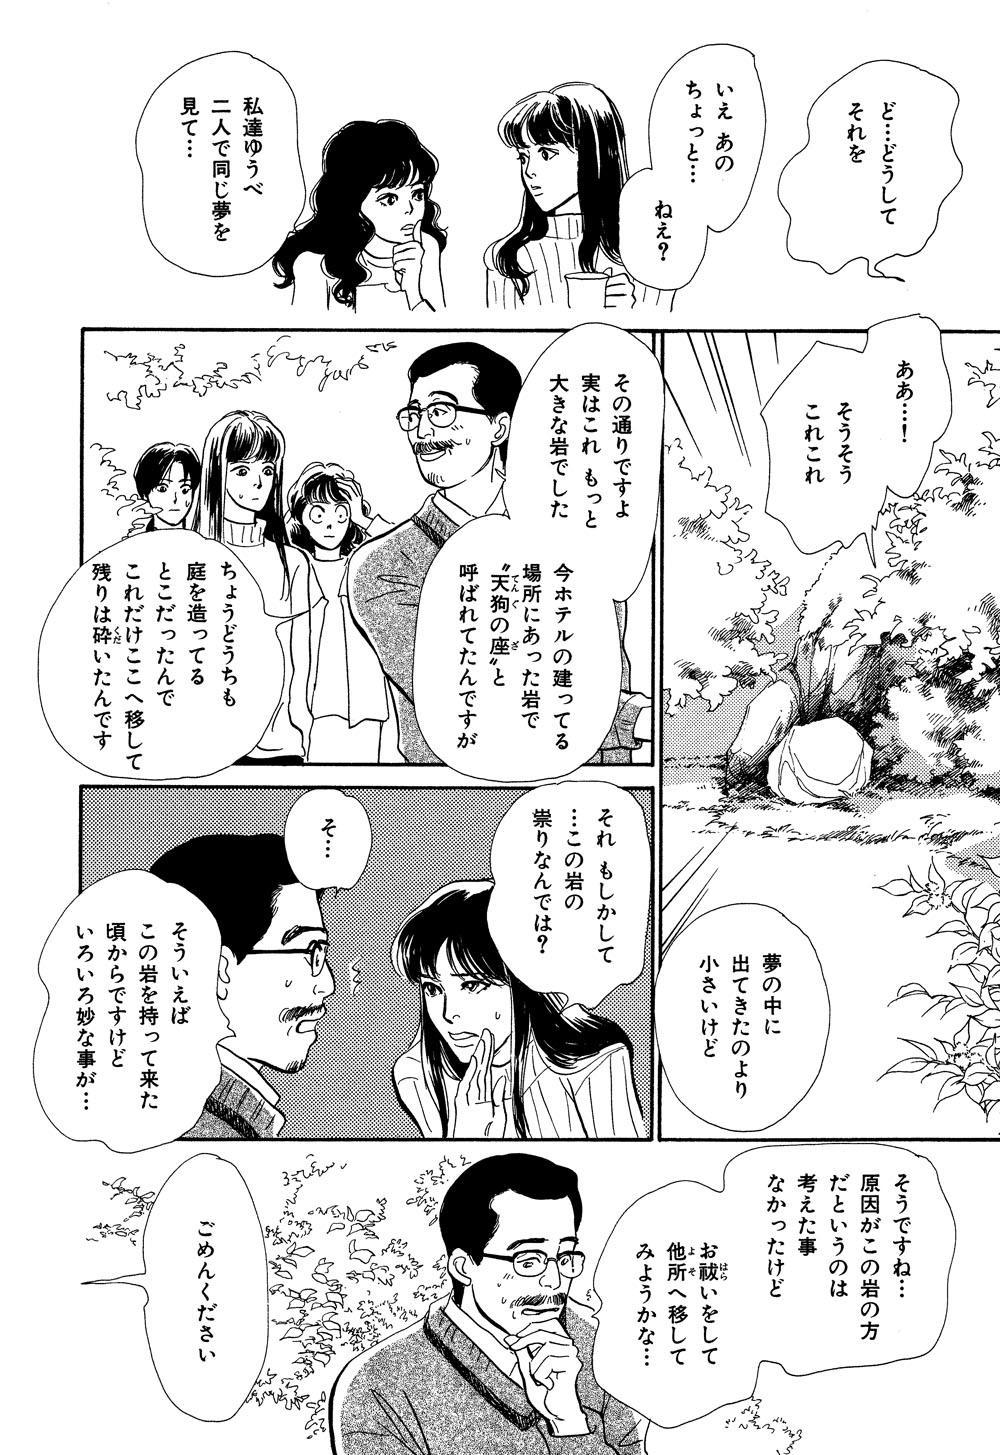 百鬼夜行抄_07_0040.jpg